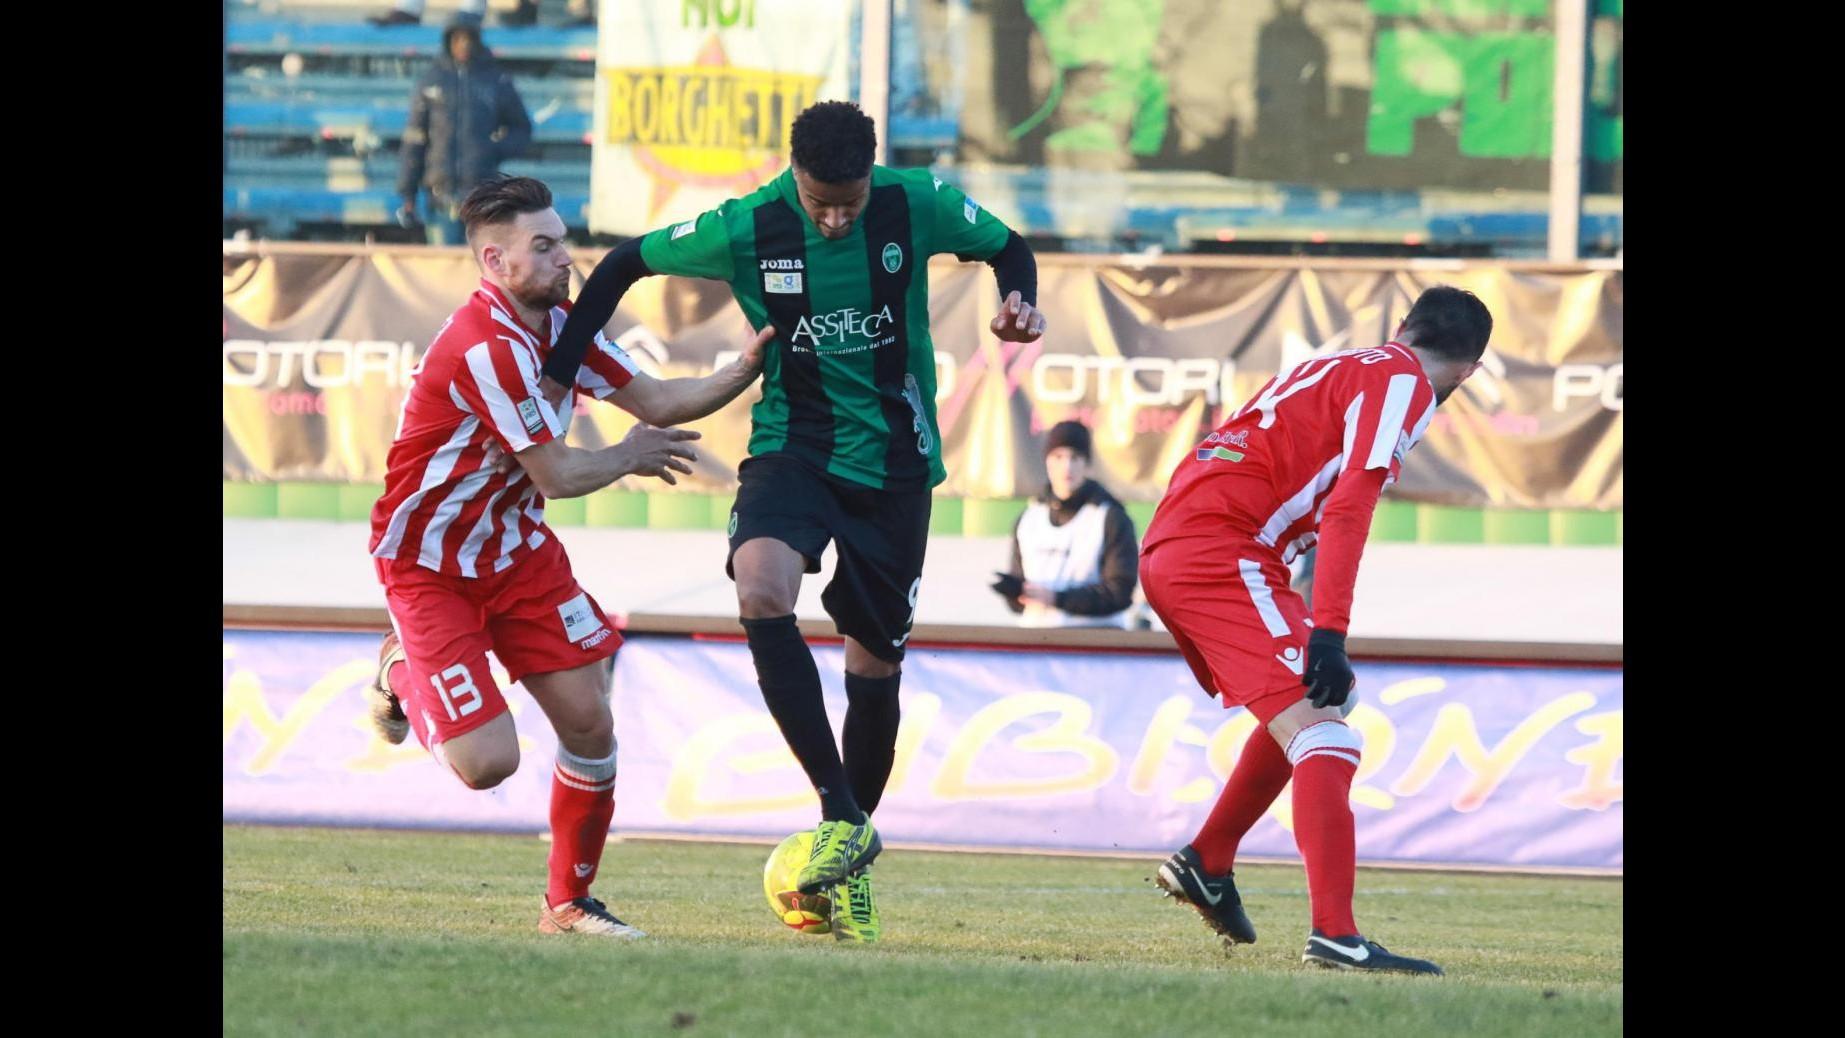 FOTO Lega Pro, cinquina del Pordenone contro il Forlì